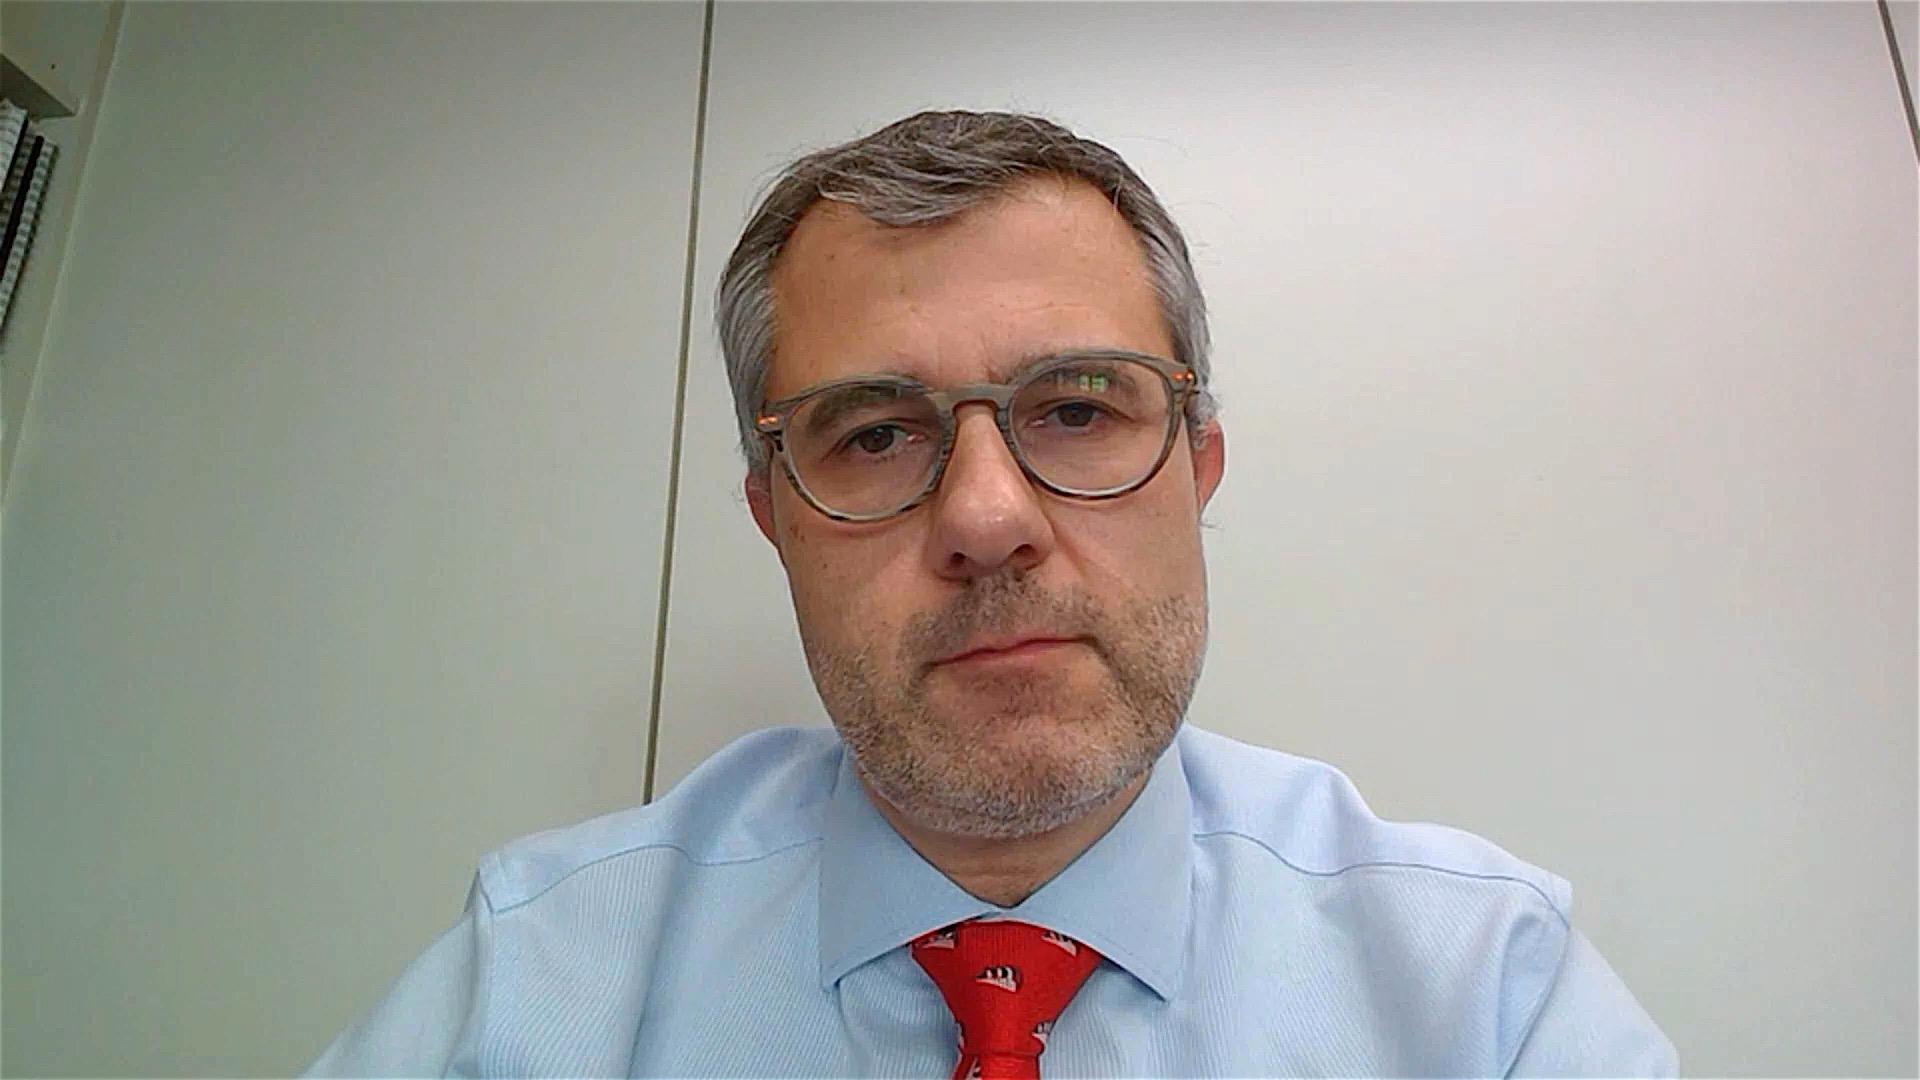 Àlex Santacana, Socio Director del Departamento Laboral de Roca Junyent